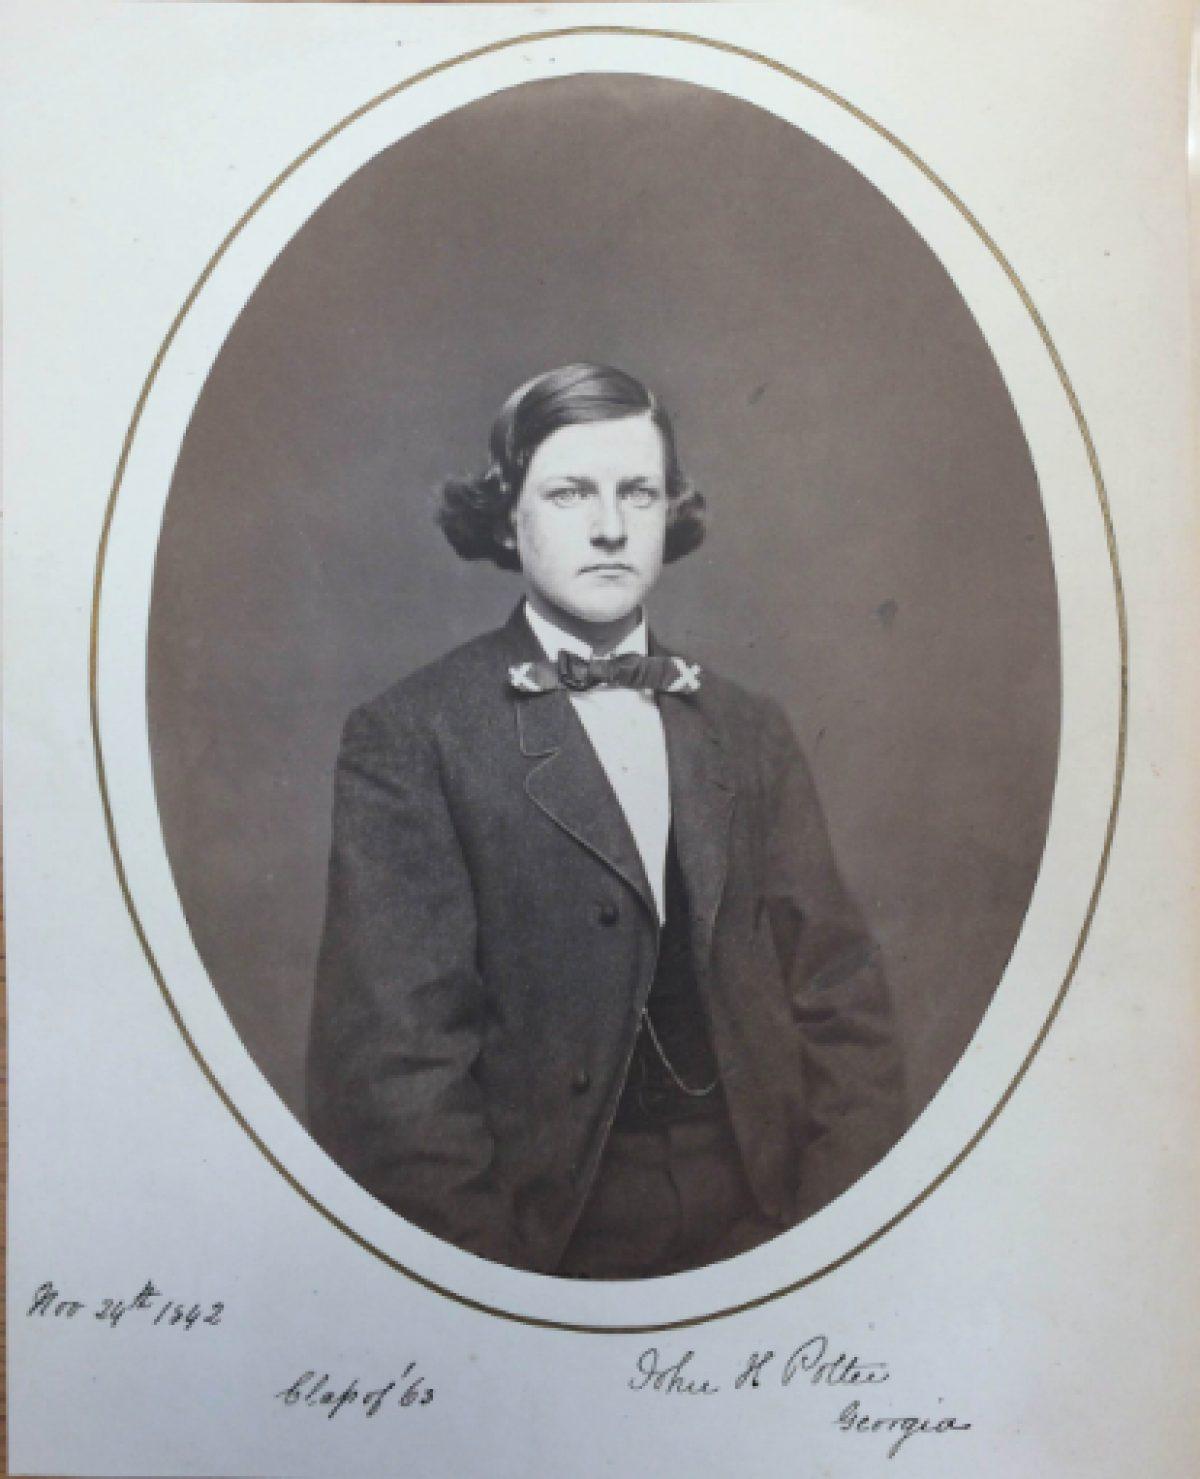 John H. Potter